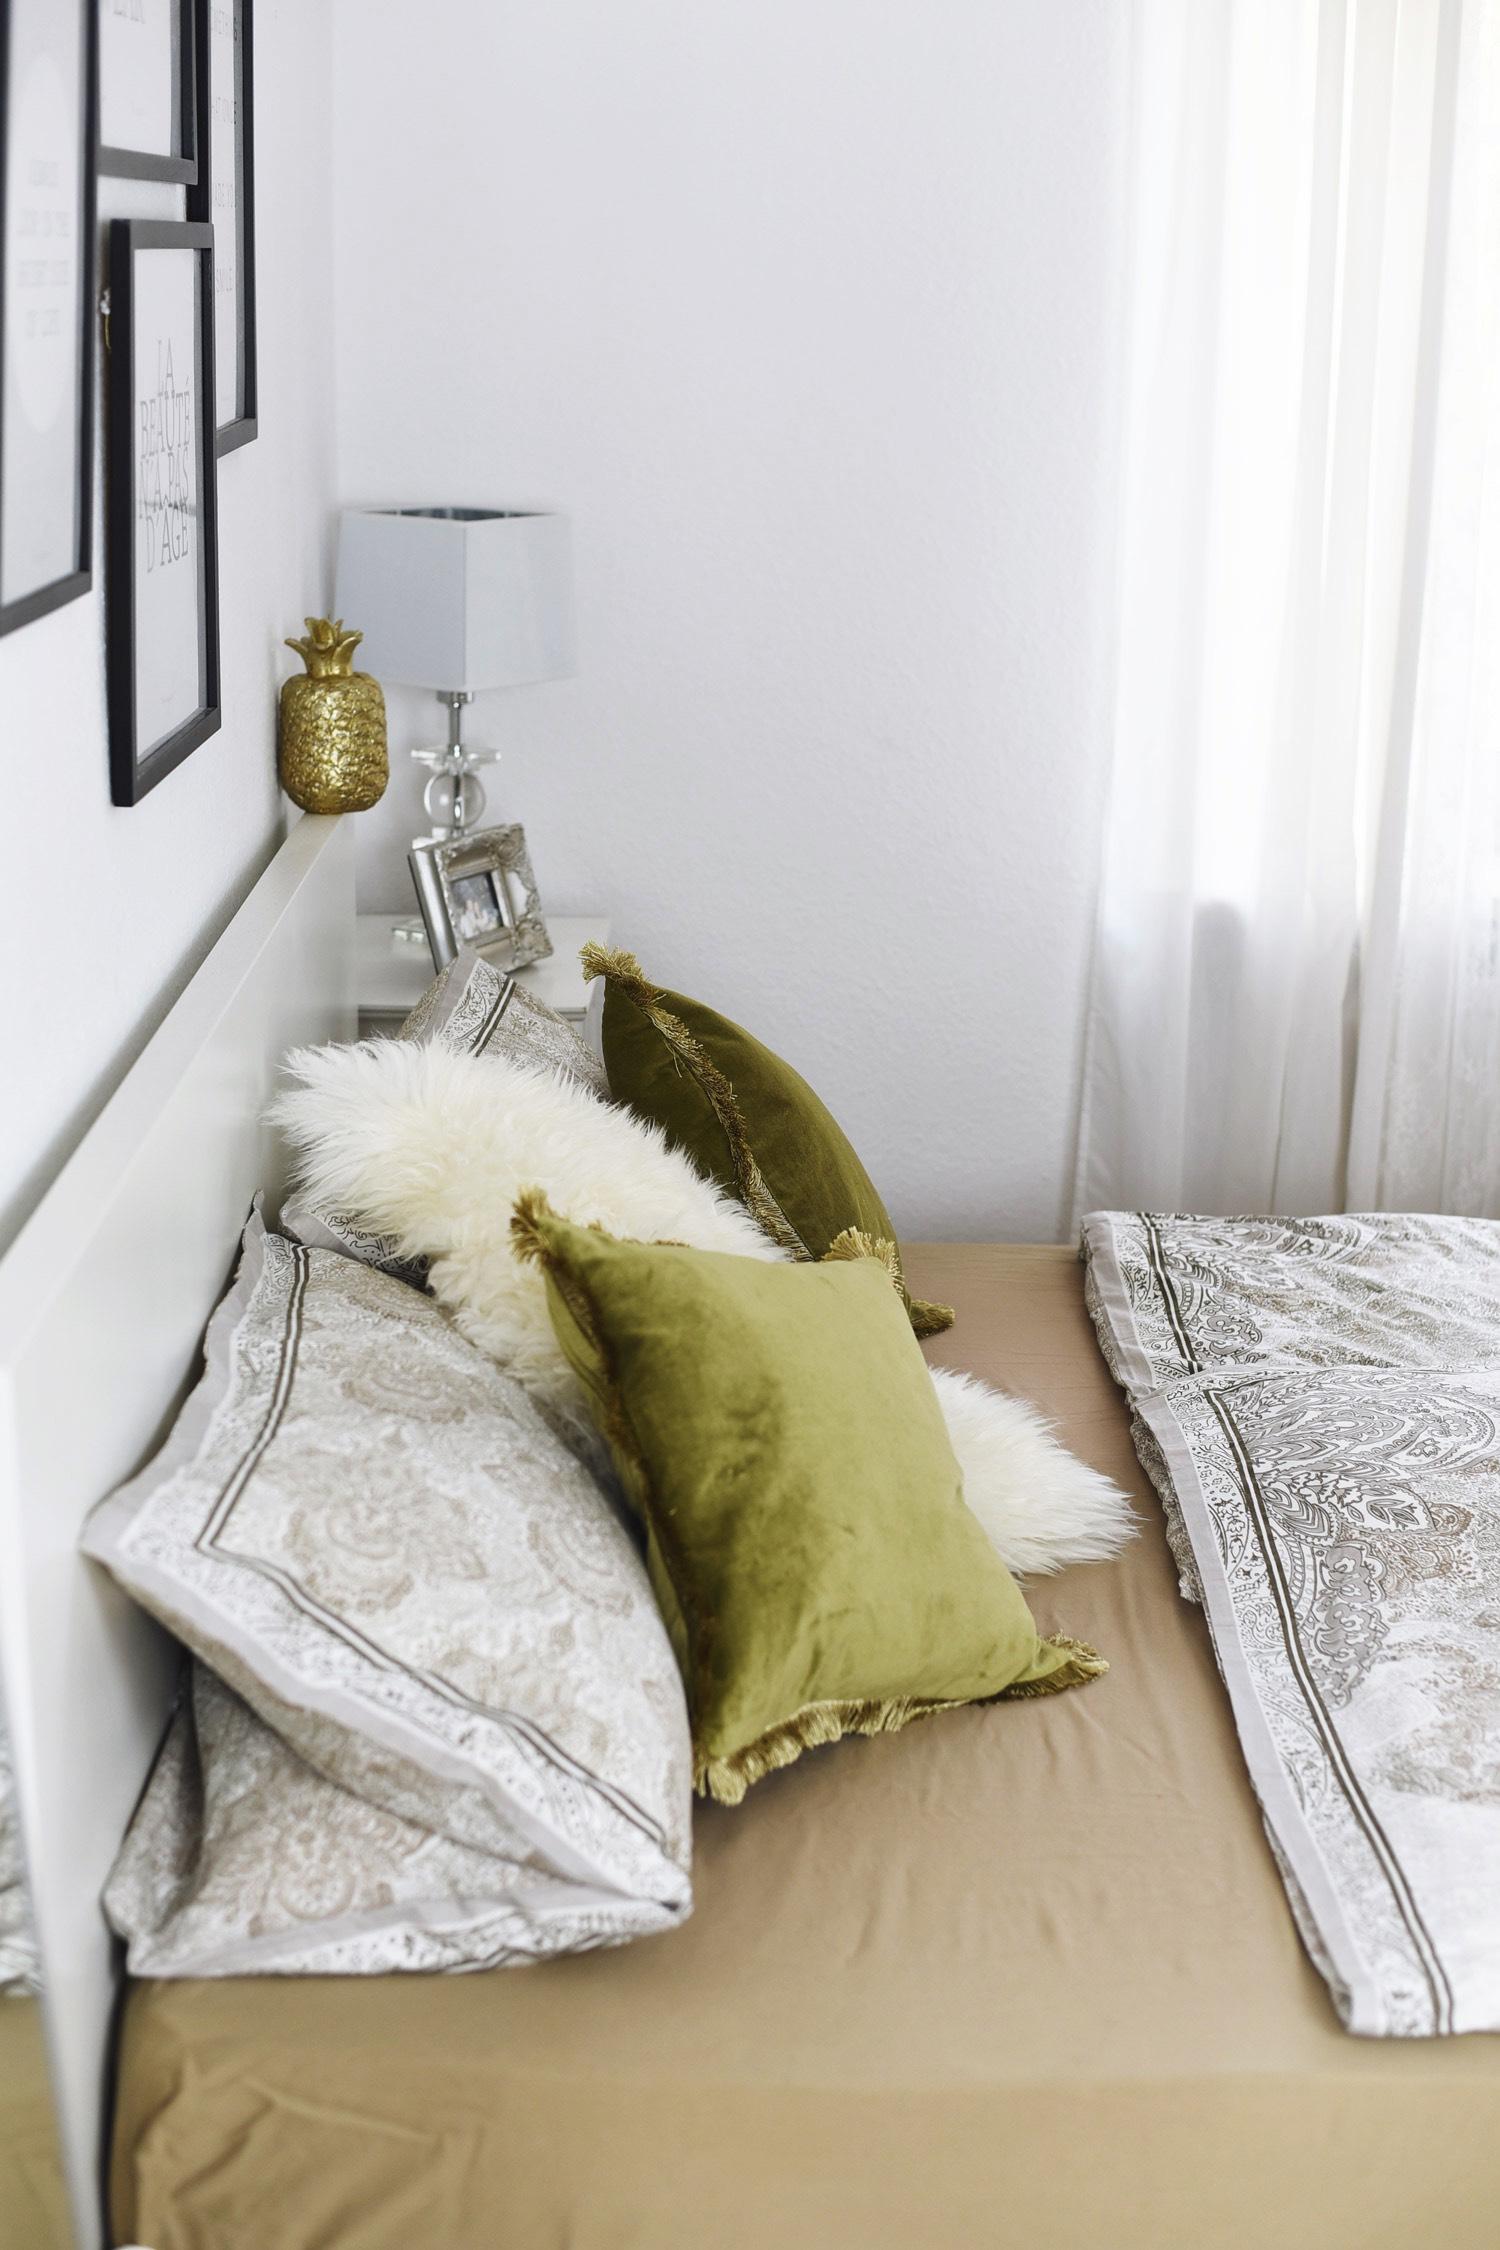 fashionblog-deutschland-inneneinrichtung-interior-thema-fashiioncarpet